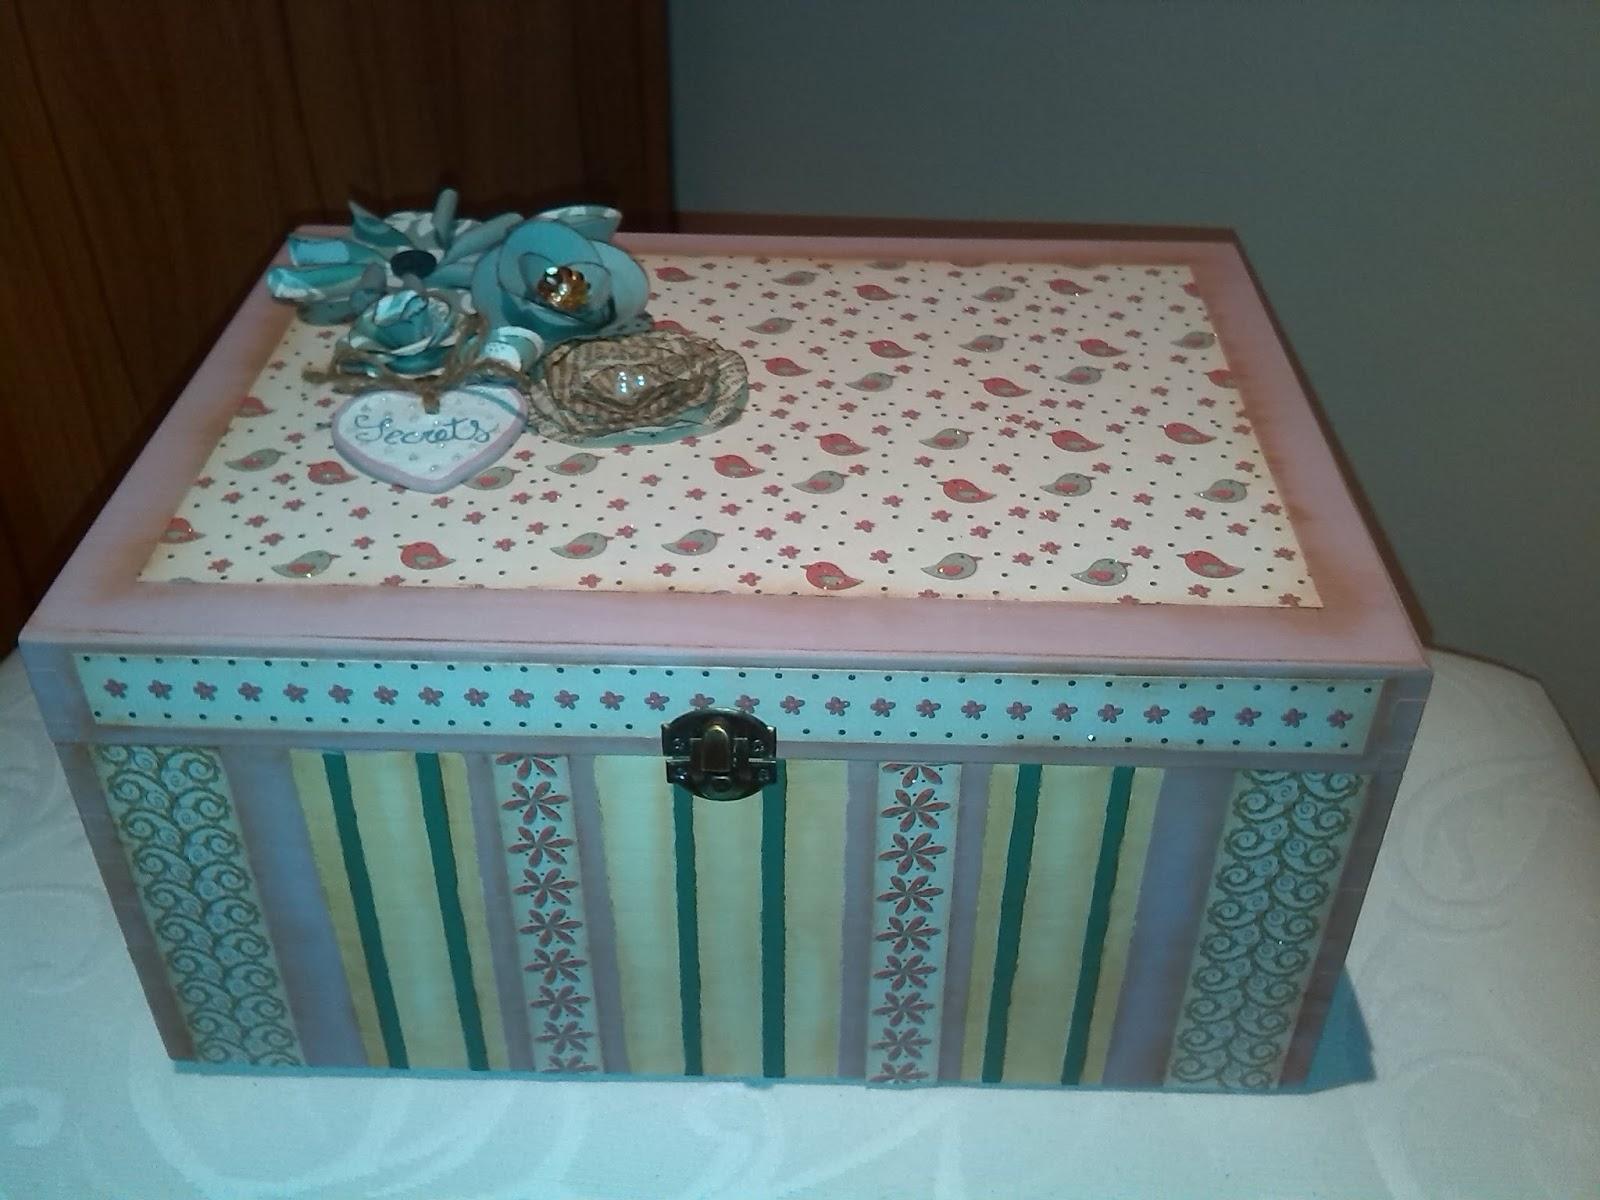 Rosantiguo caja de madera decorada con pintura y scrap - Cajas de mader ...